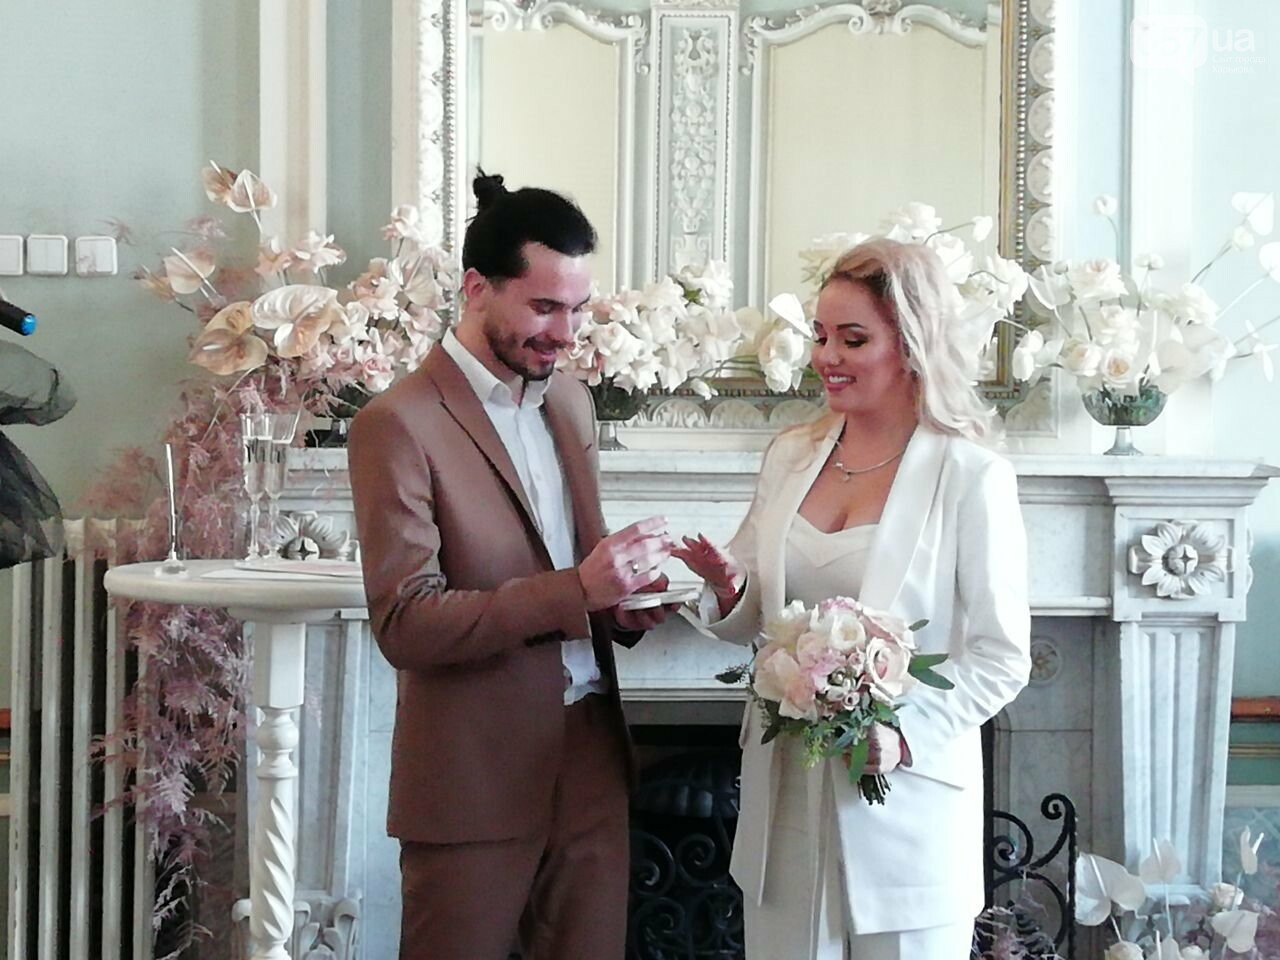 Экспресс-свадьба и звездная ведущая: в Харькове проходит Марафон влюбленных, - ФОТО, фото-6